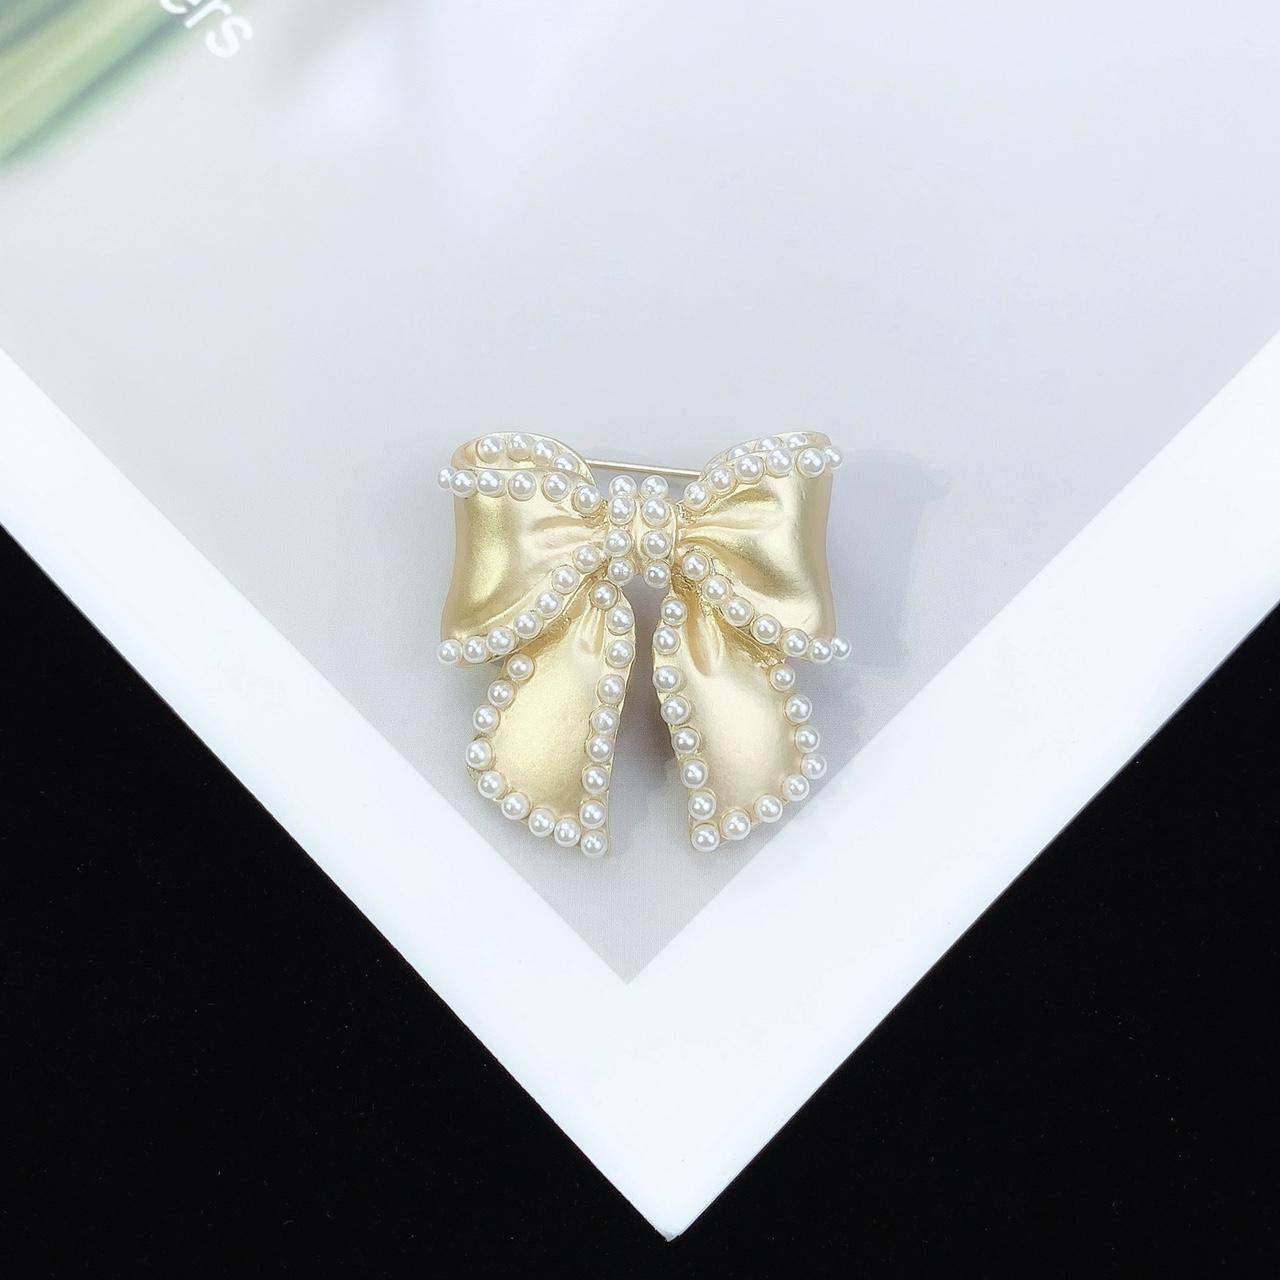 甜美蝴蝶结珍珠胸针优雅女神大衣西装ins超仙少女洋气胸花